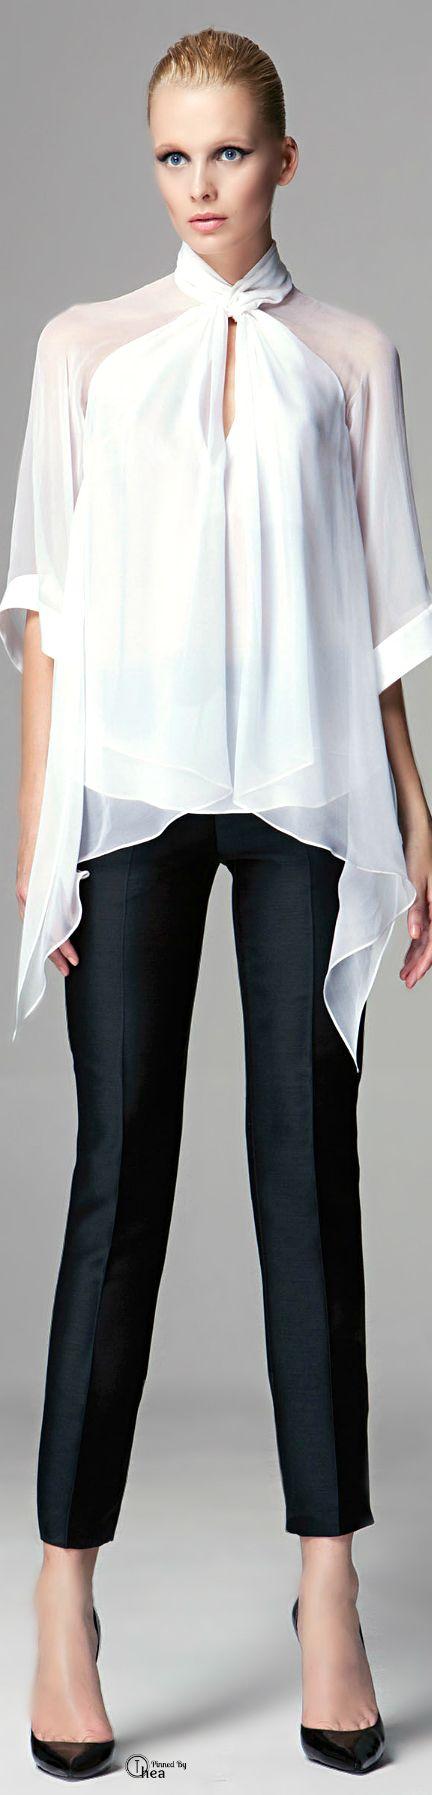 Zuhair Murad ● White blouse, black pants